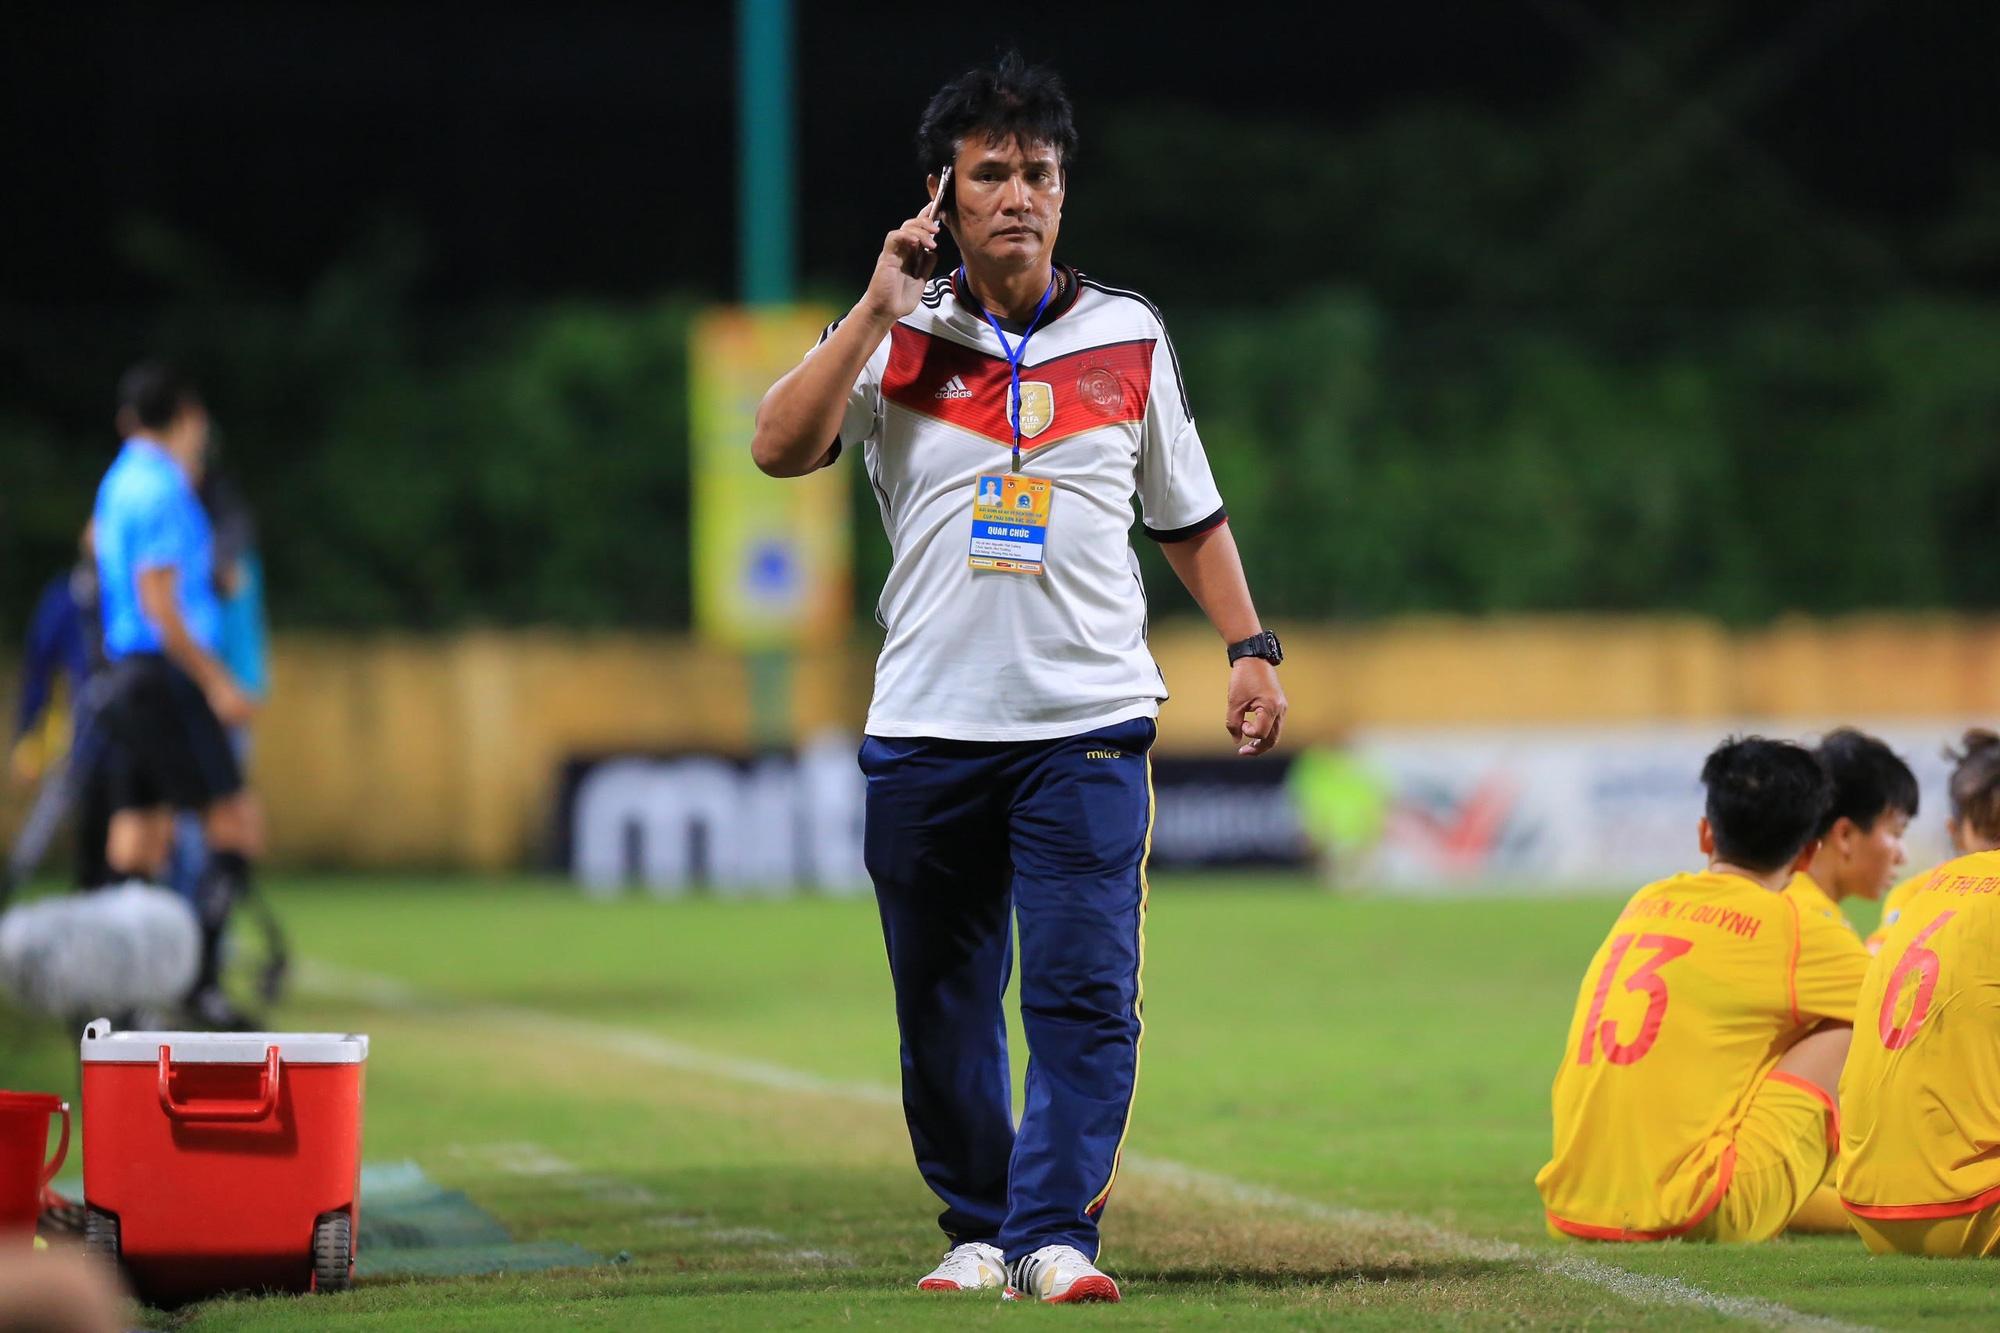 HLV trưởng PP.Hà Nam Nguyễn Thế Cường bị cấm tham gia các hoạt động bóng đá do VFF tổ chức trong 5 năm. Ảnh: Hải Đăng